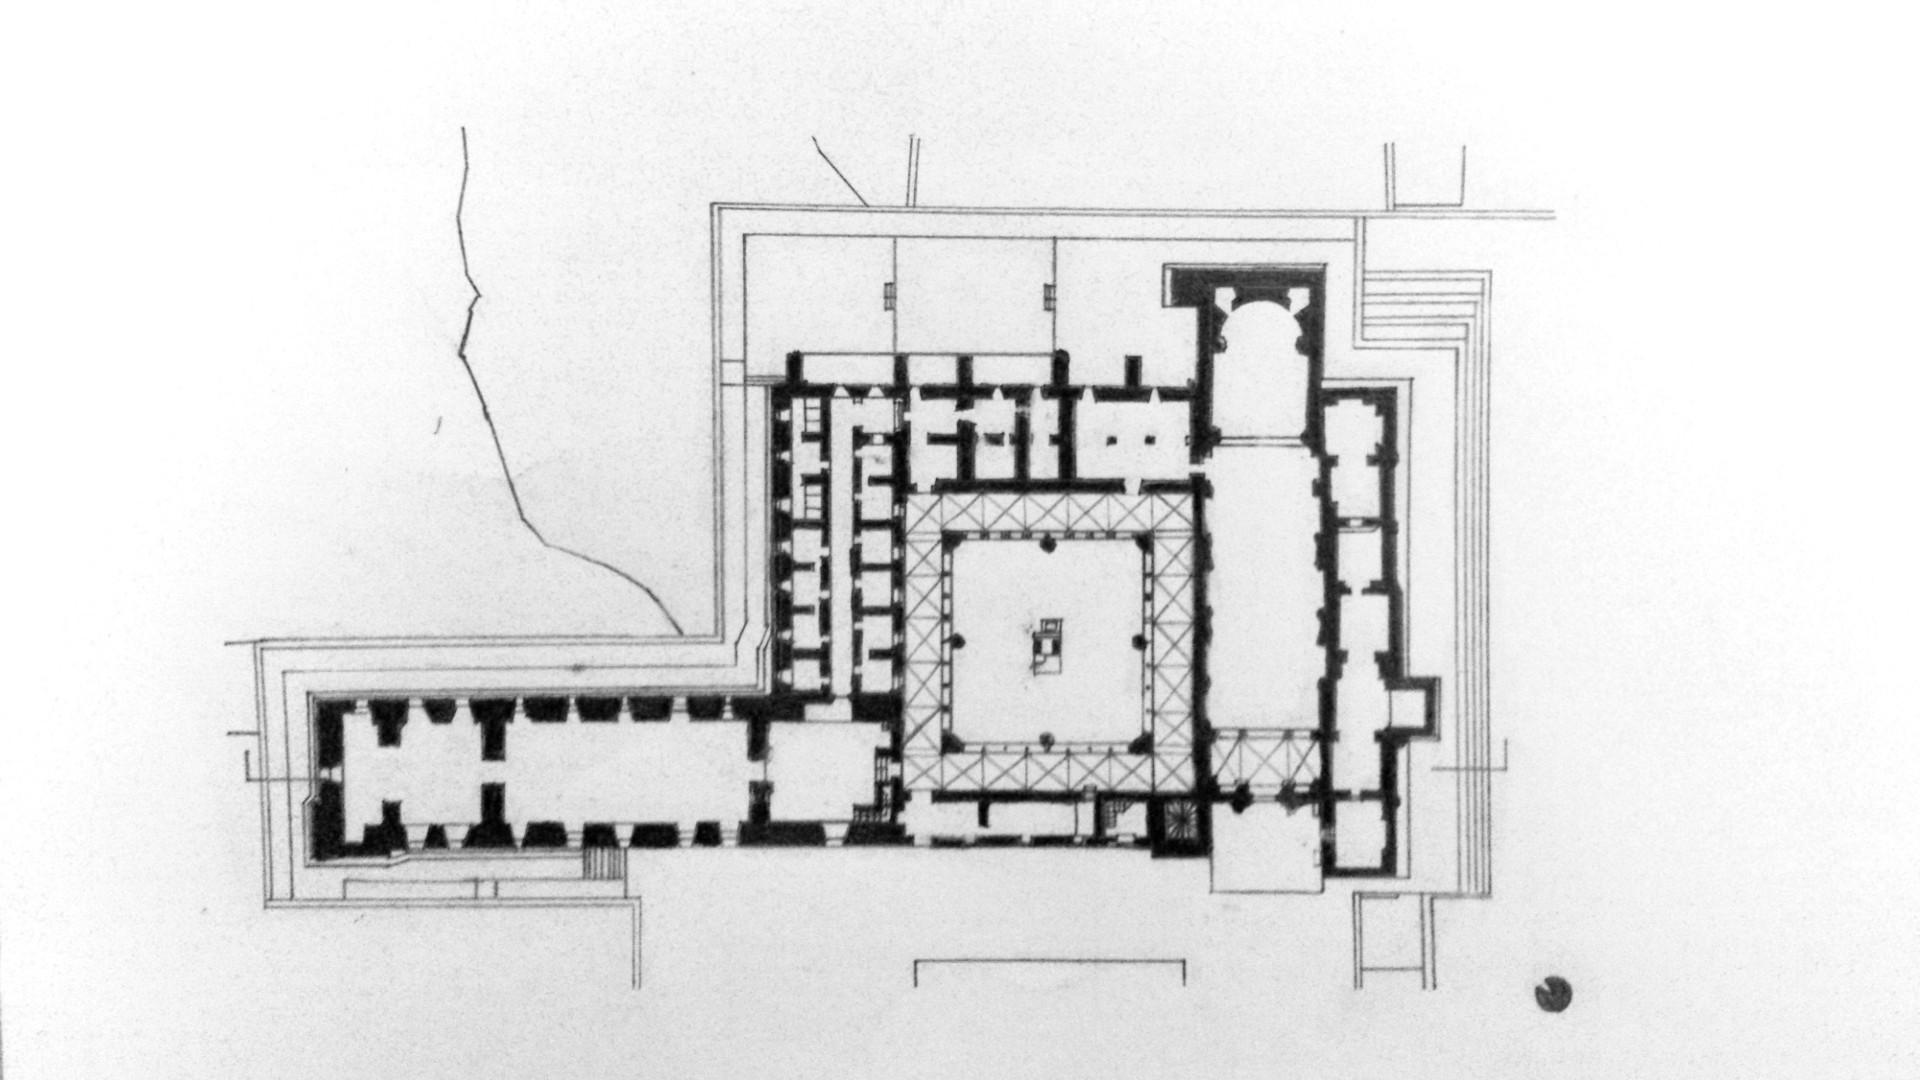 Bta bollettino telematico dell 39 arte testi for Planimetrie del palazzo mediterraneo